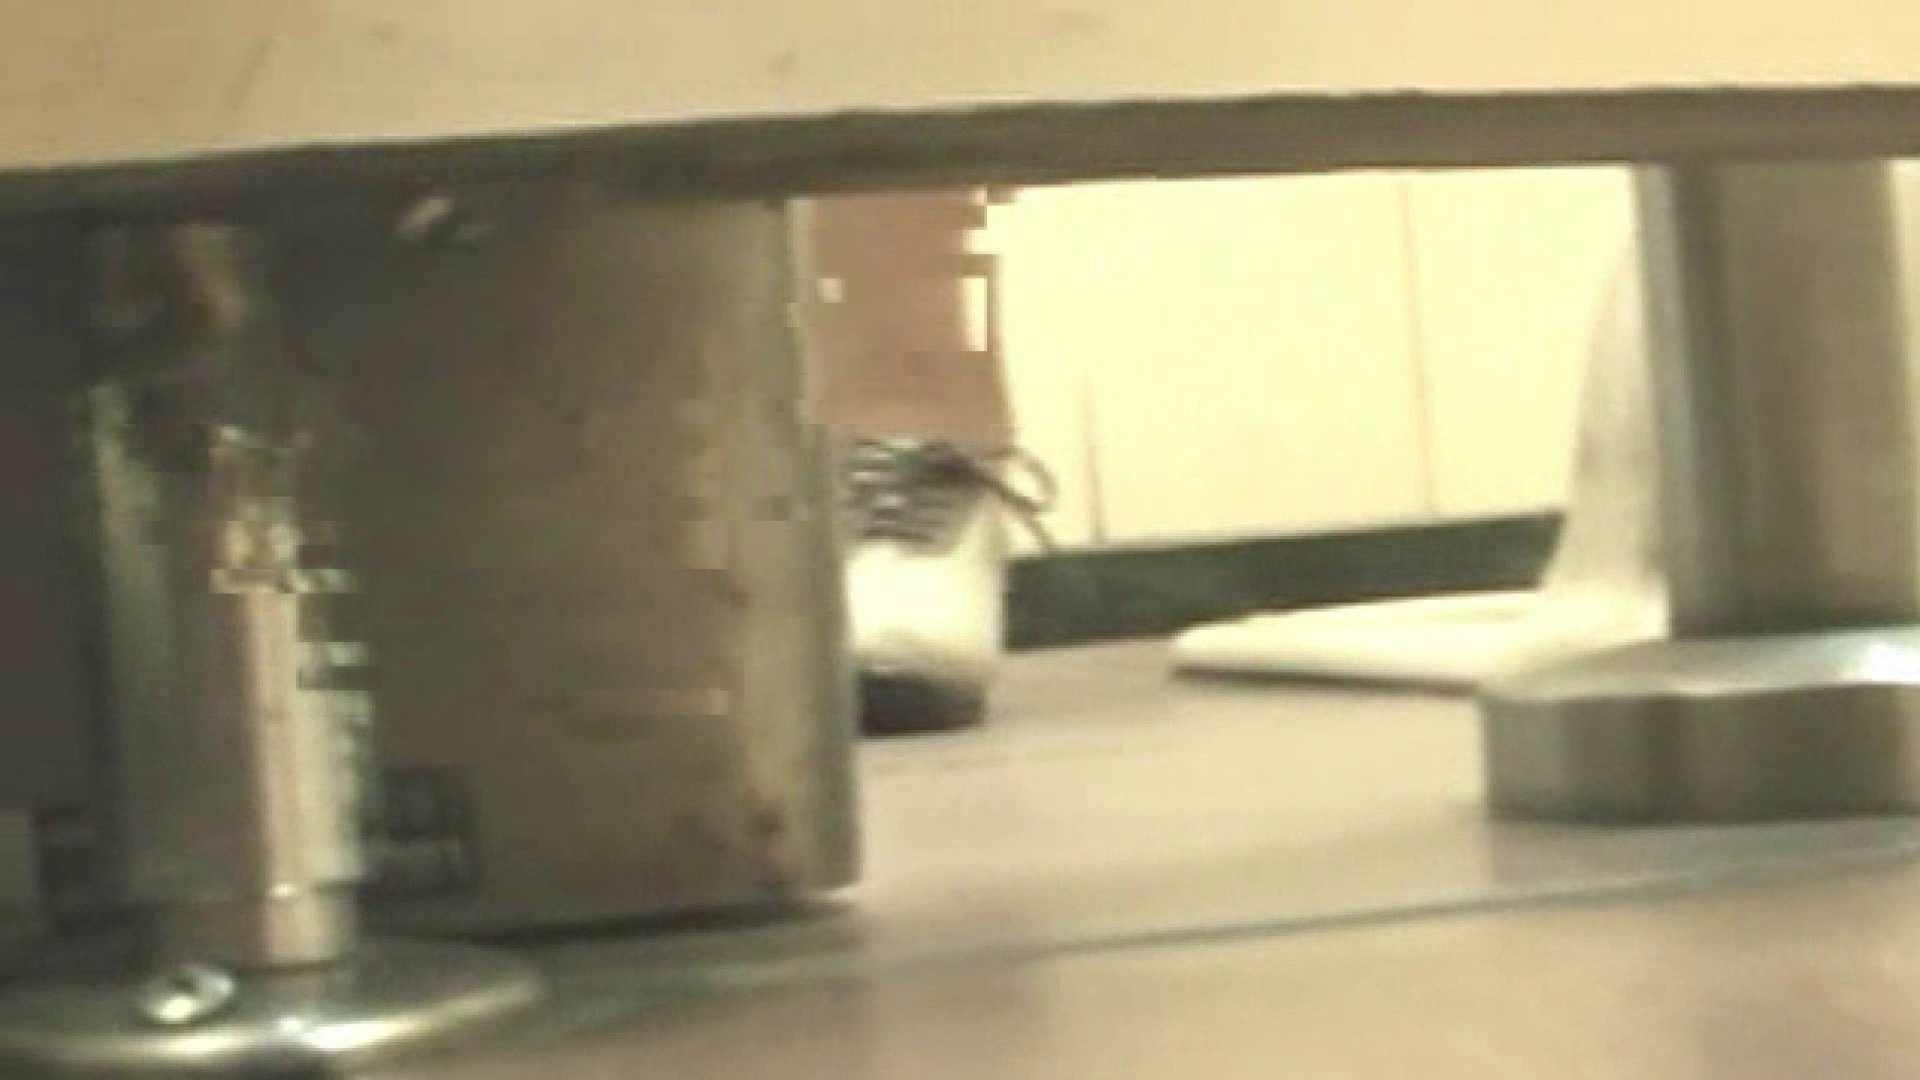 ロックハンドさんの盗撮記録File.47 マンコ・ムレムレ 濡れ場動画紹介 99pic 84